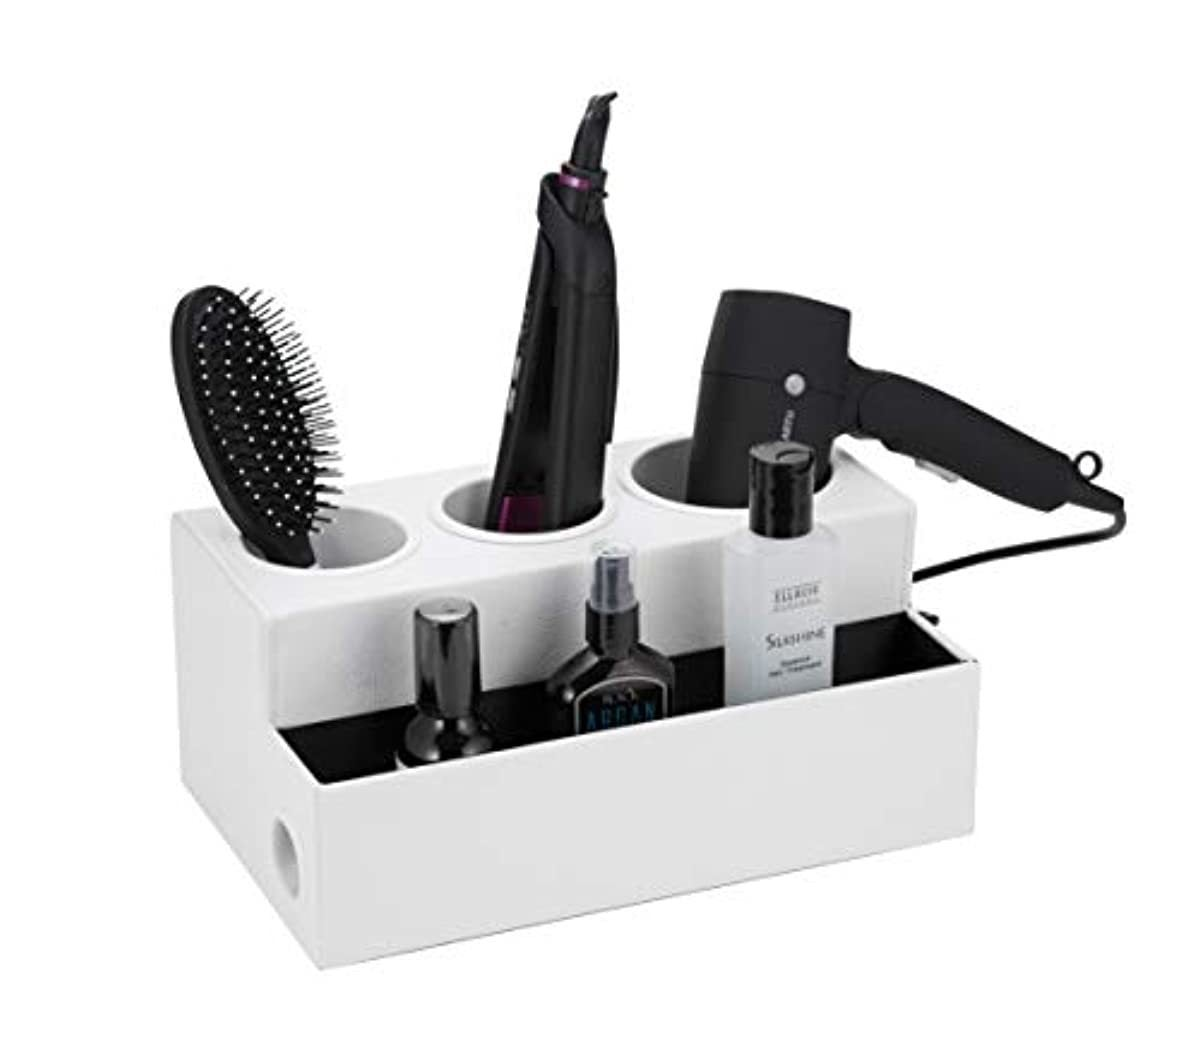 Hair Dryer Organizer